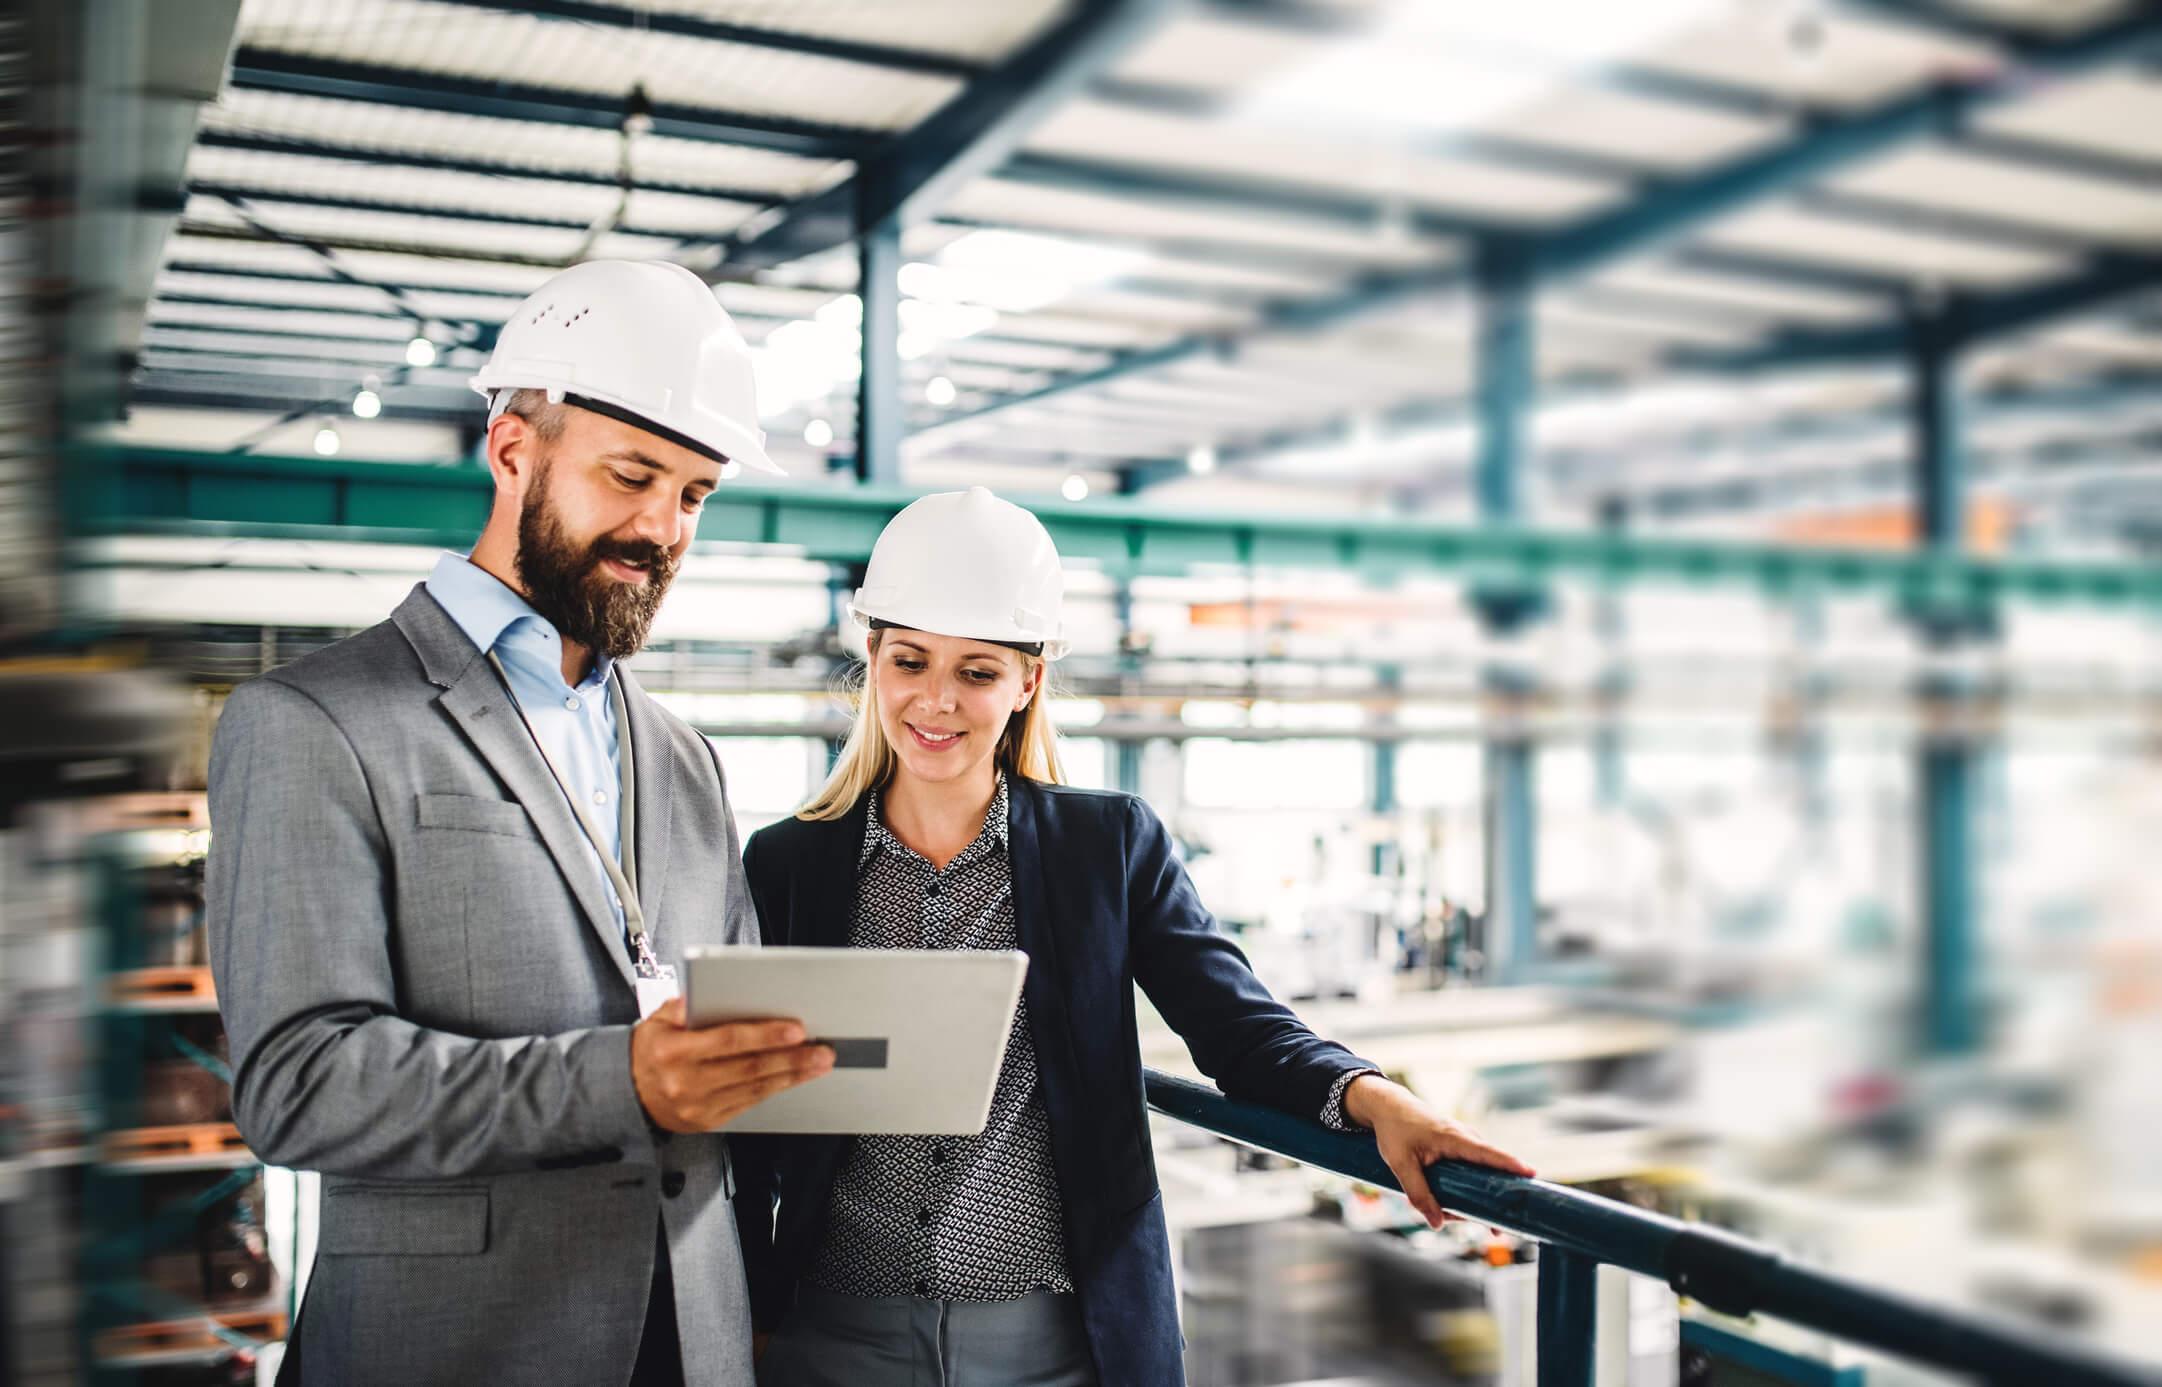 impactos da indústria 4.0